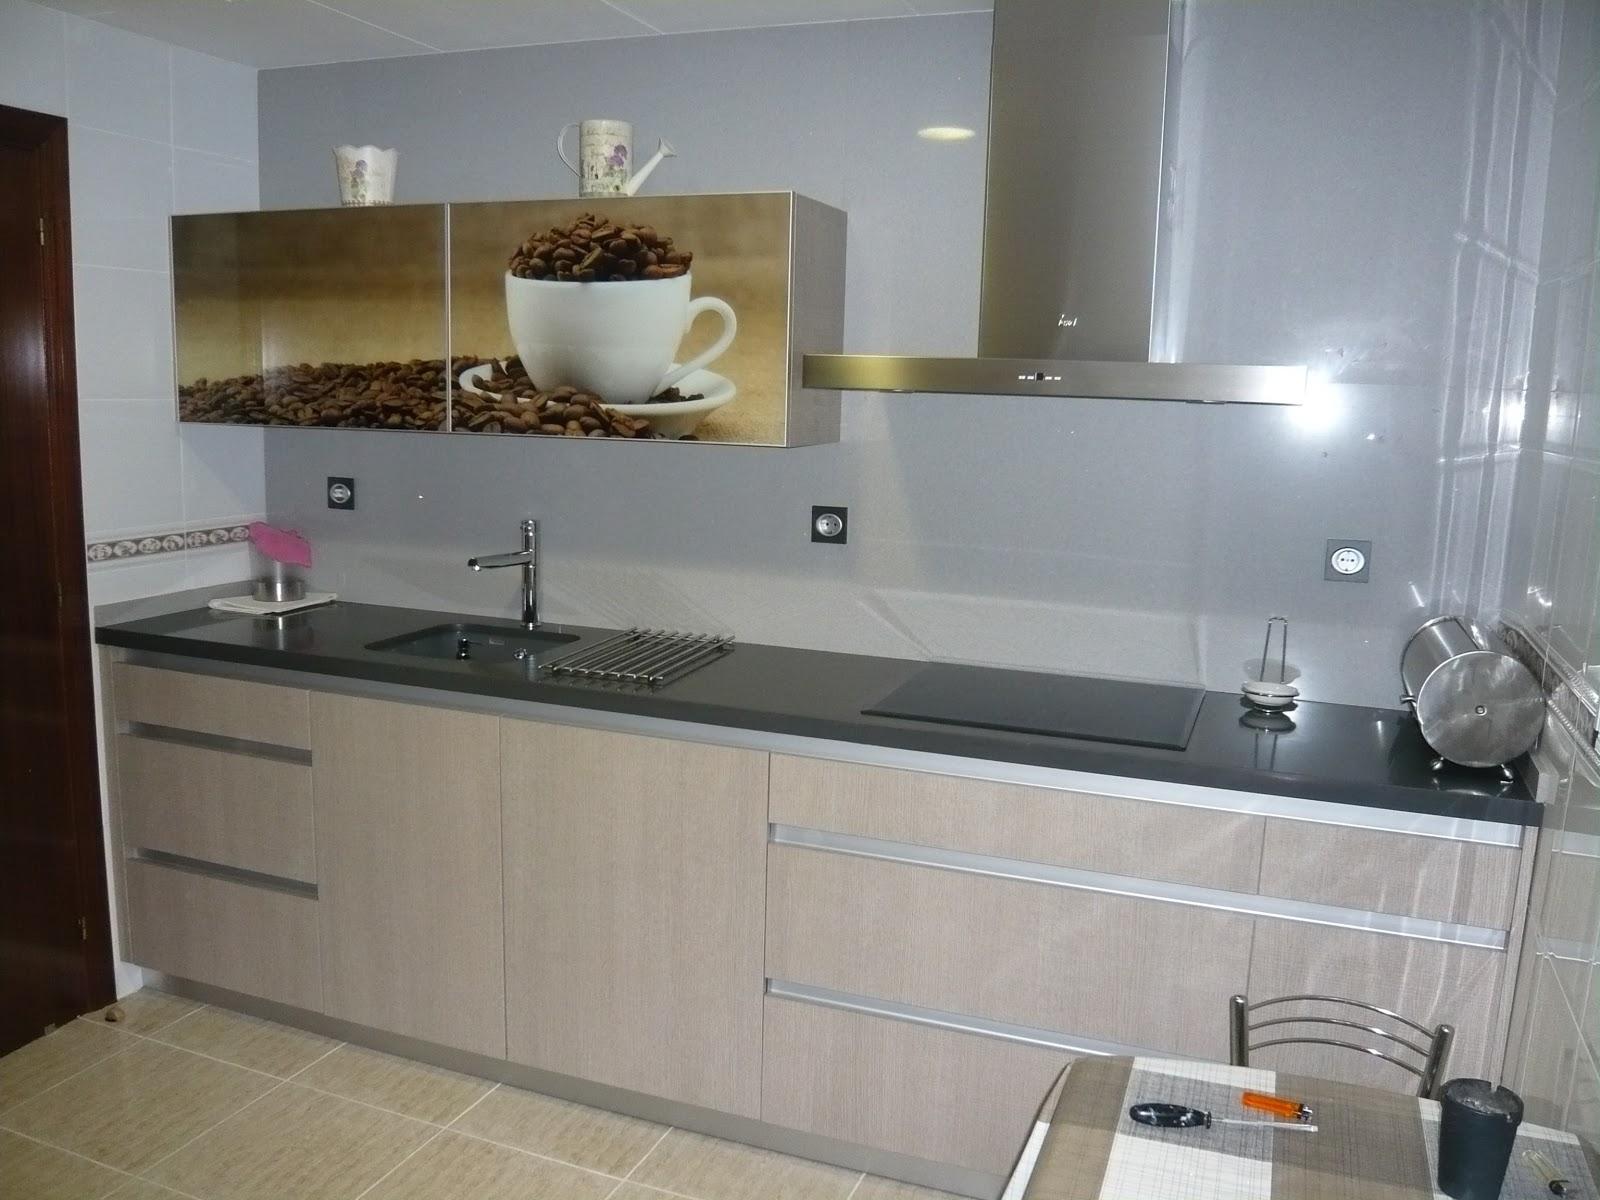 Reuscuina cocina sin tiradores y con foto decorativa - Cocina sin tiradores ...